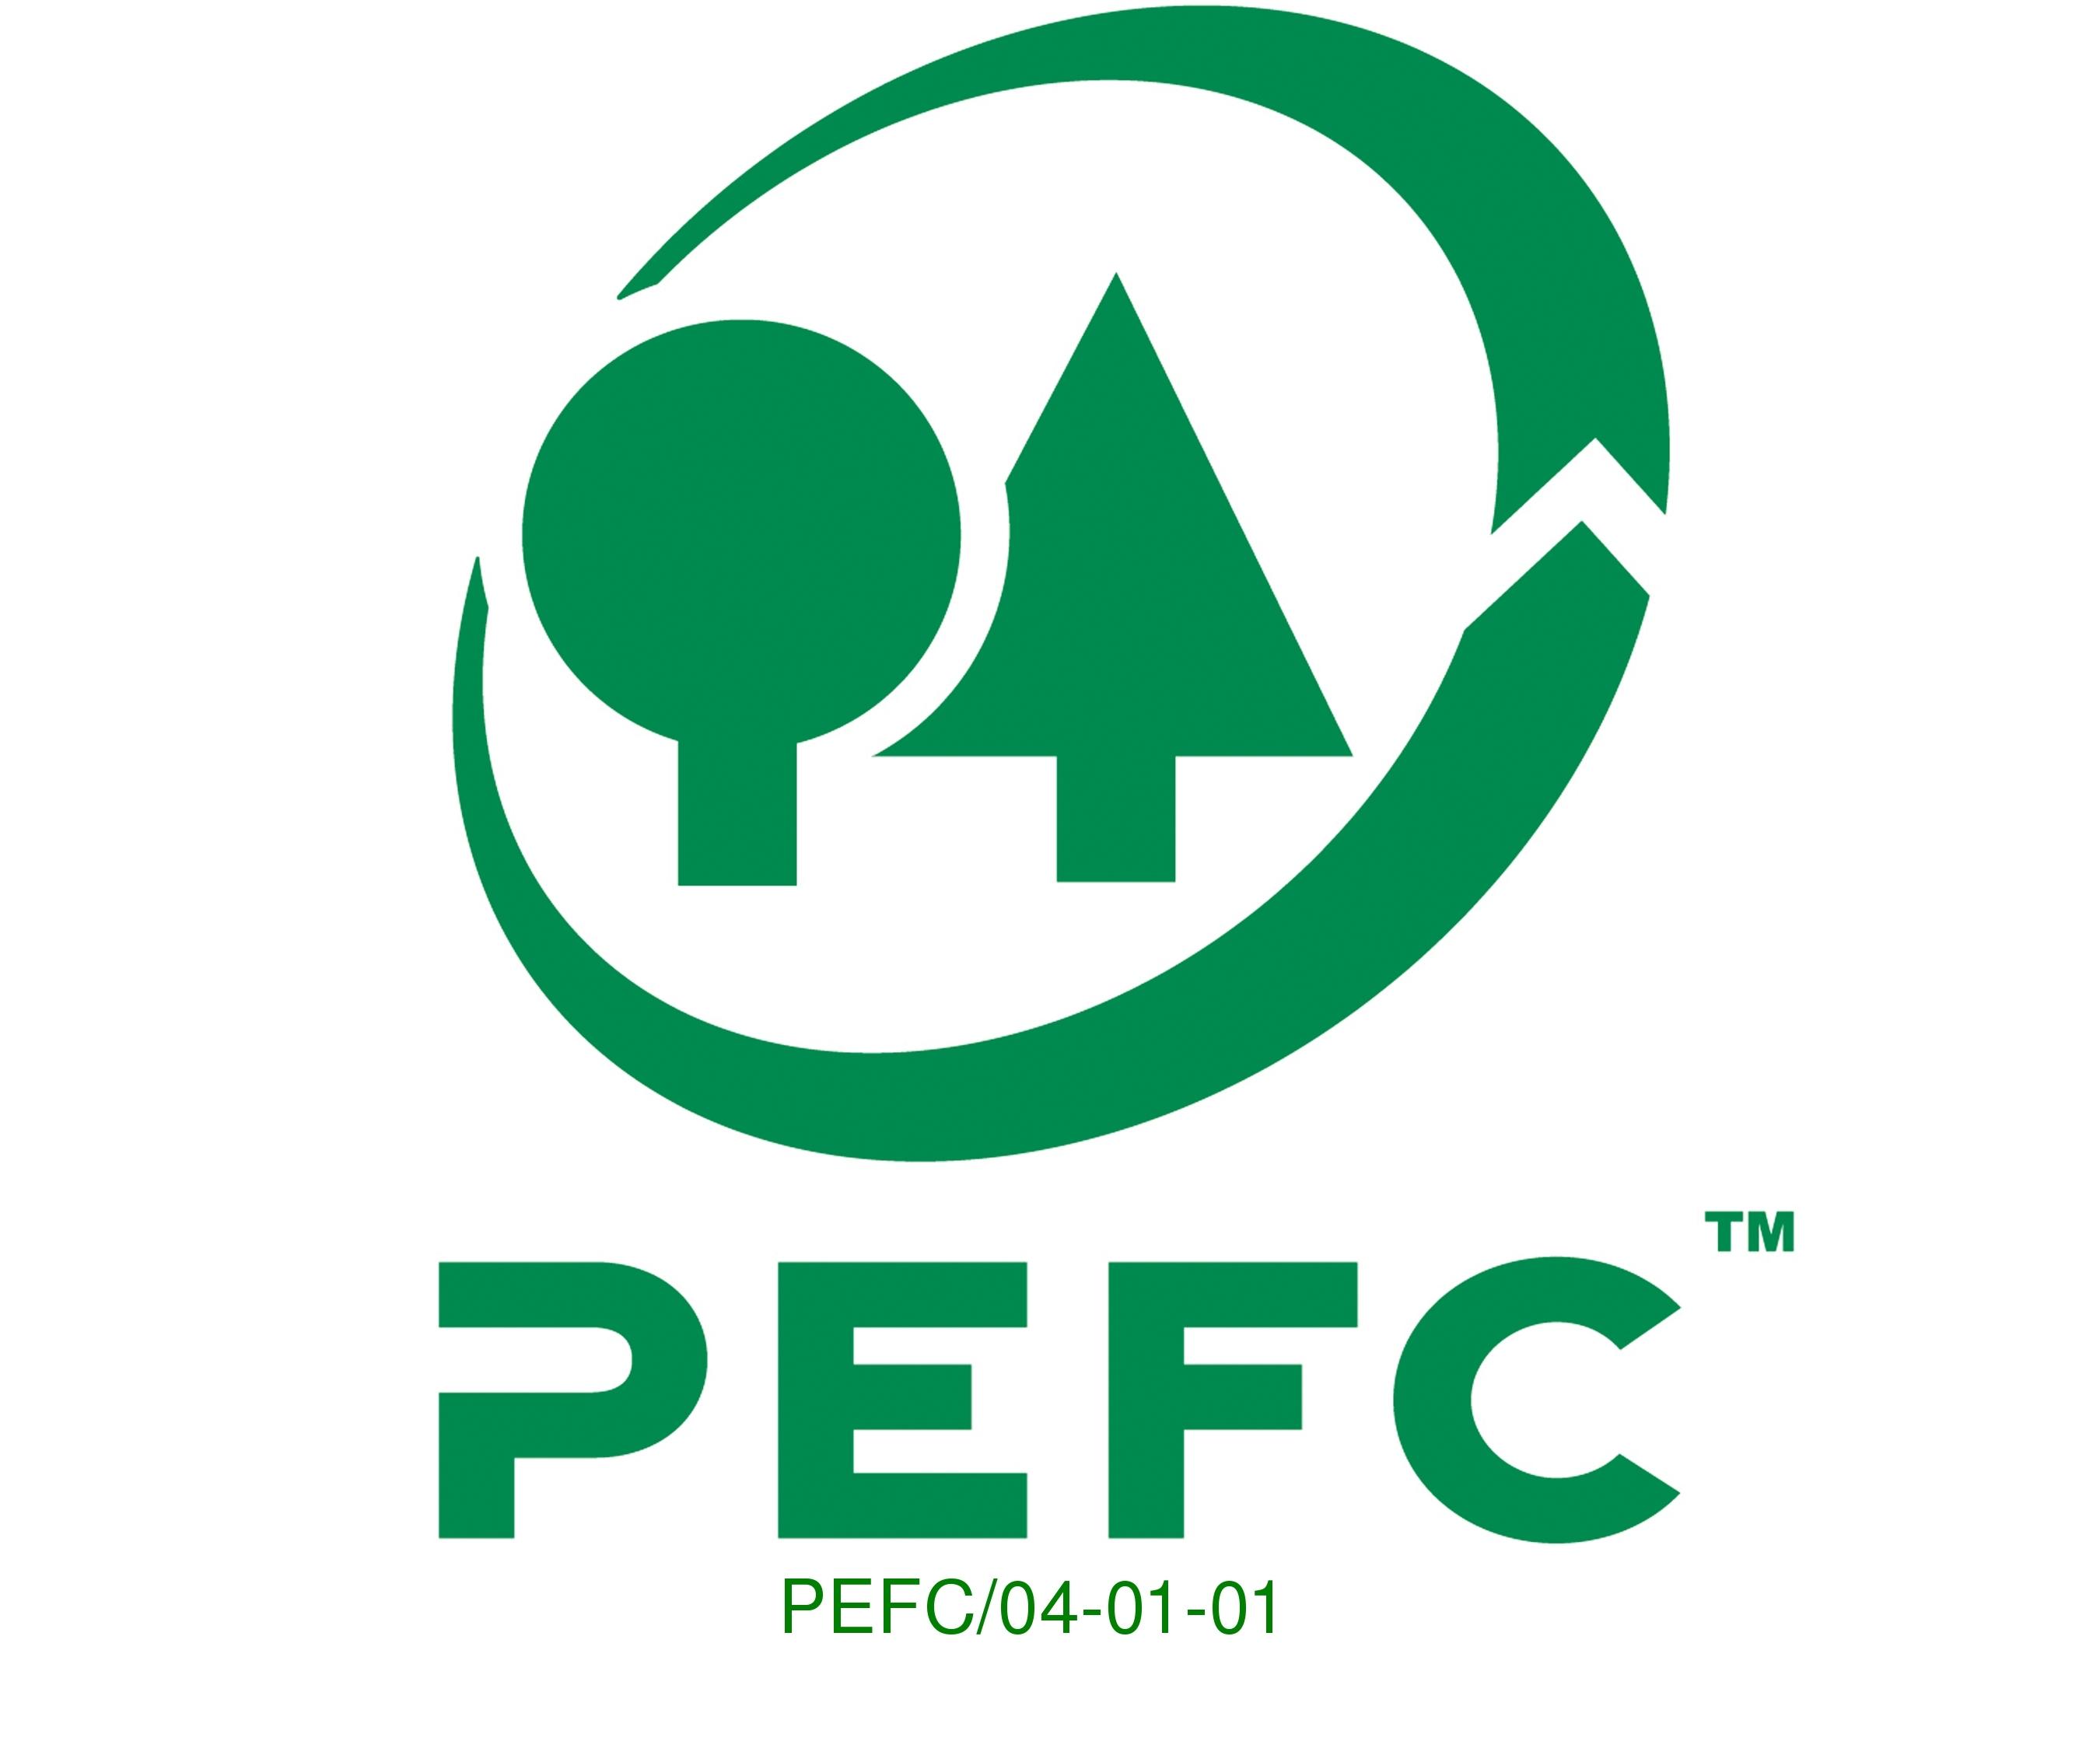 Das PEFC Logo steht für nachhaltige Forstwirtschaft und garantiert bei Grillkohle, dass sie kein Tropenholz aus Übersee verwendet wurde. © PEFC